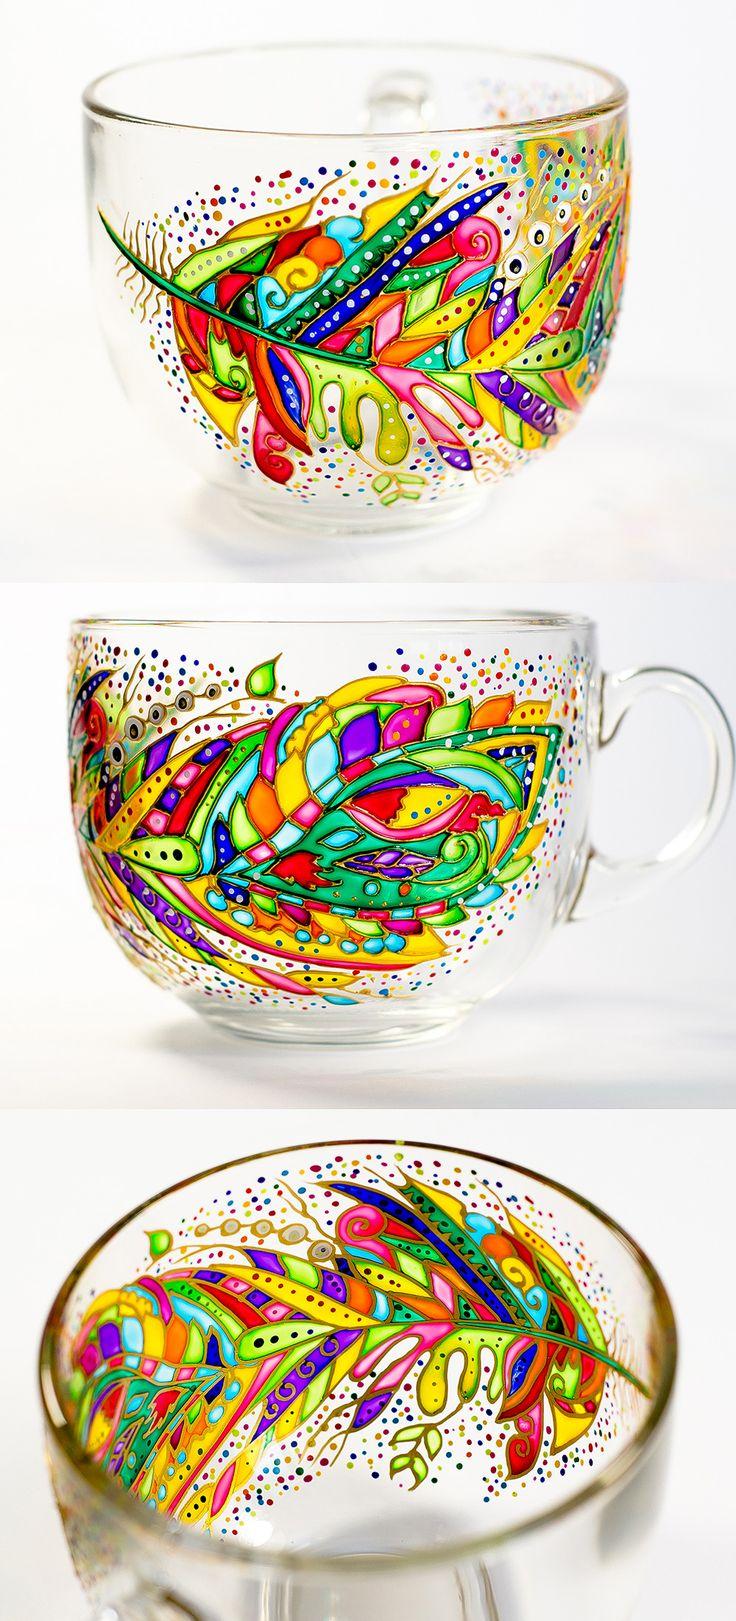 Inspirational Mug Mom Mug Feather Coffee Mug, Mothers Day Gifts Large Coffee Mug, Cup for Mom Glass Tea Mug Gift for her